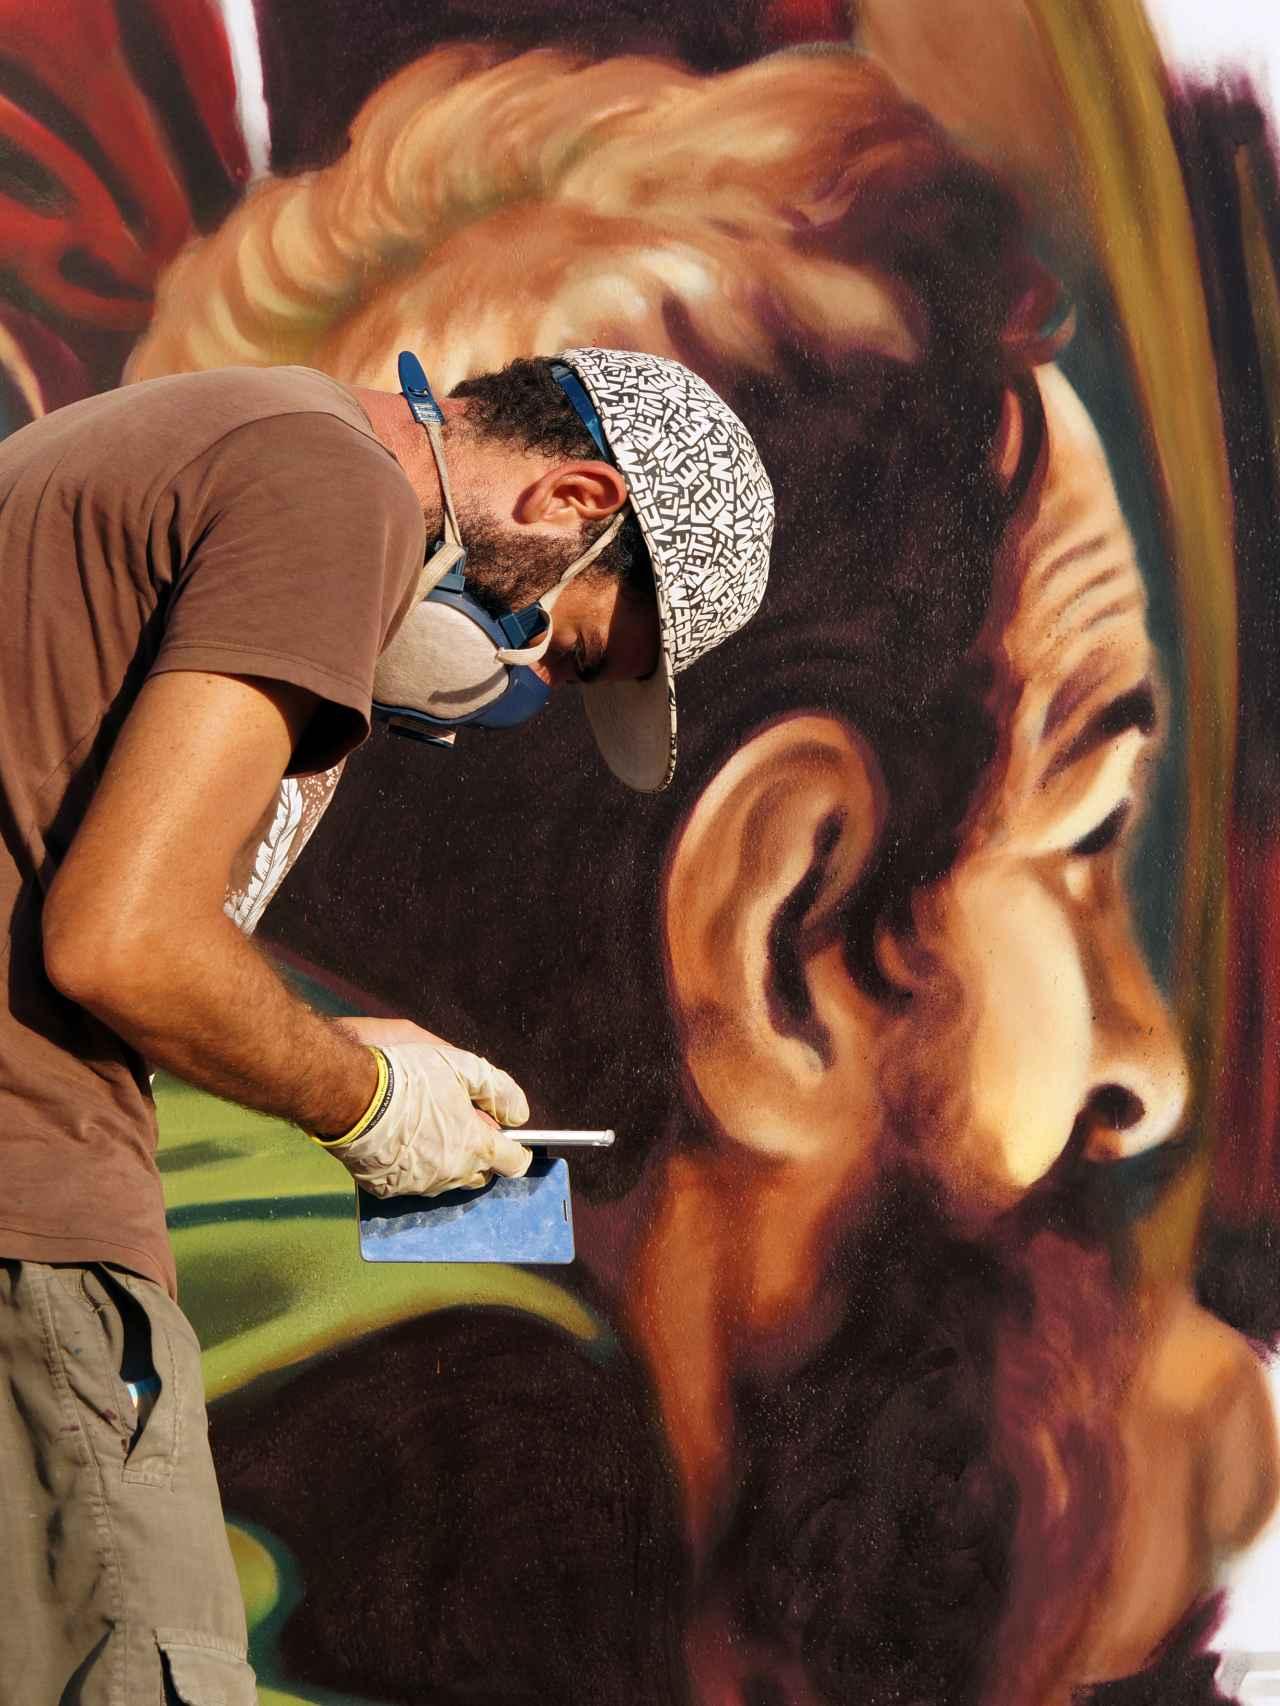 Andrea Ravo, el grafitero que convierte a Caravaggio en arte urbano.